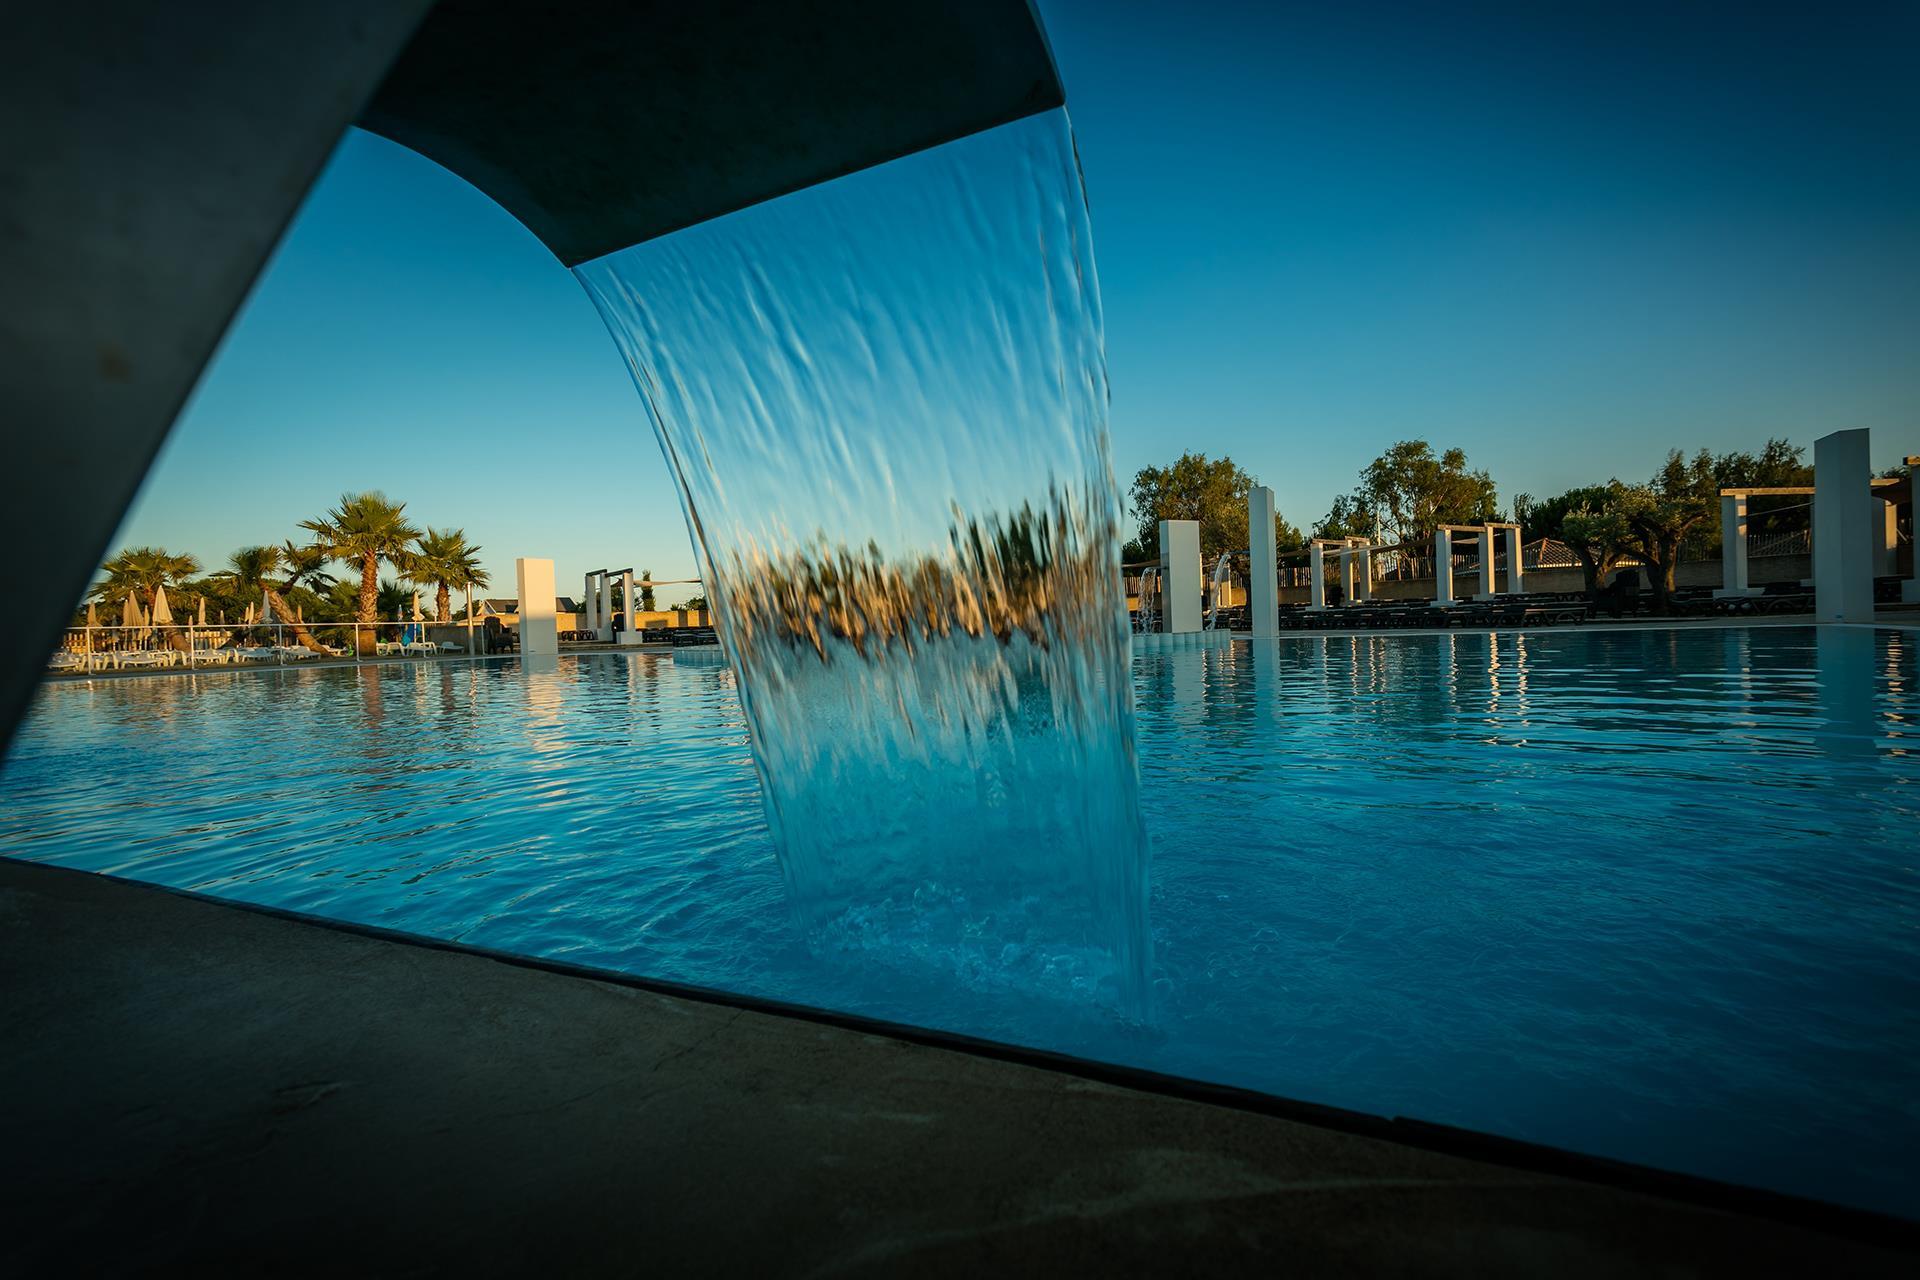 gran piscina cascada palmeras relajarse